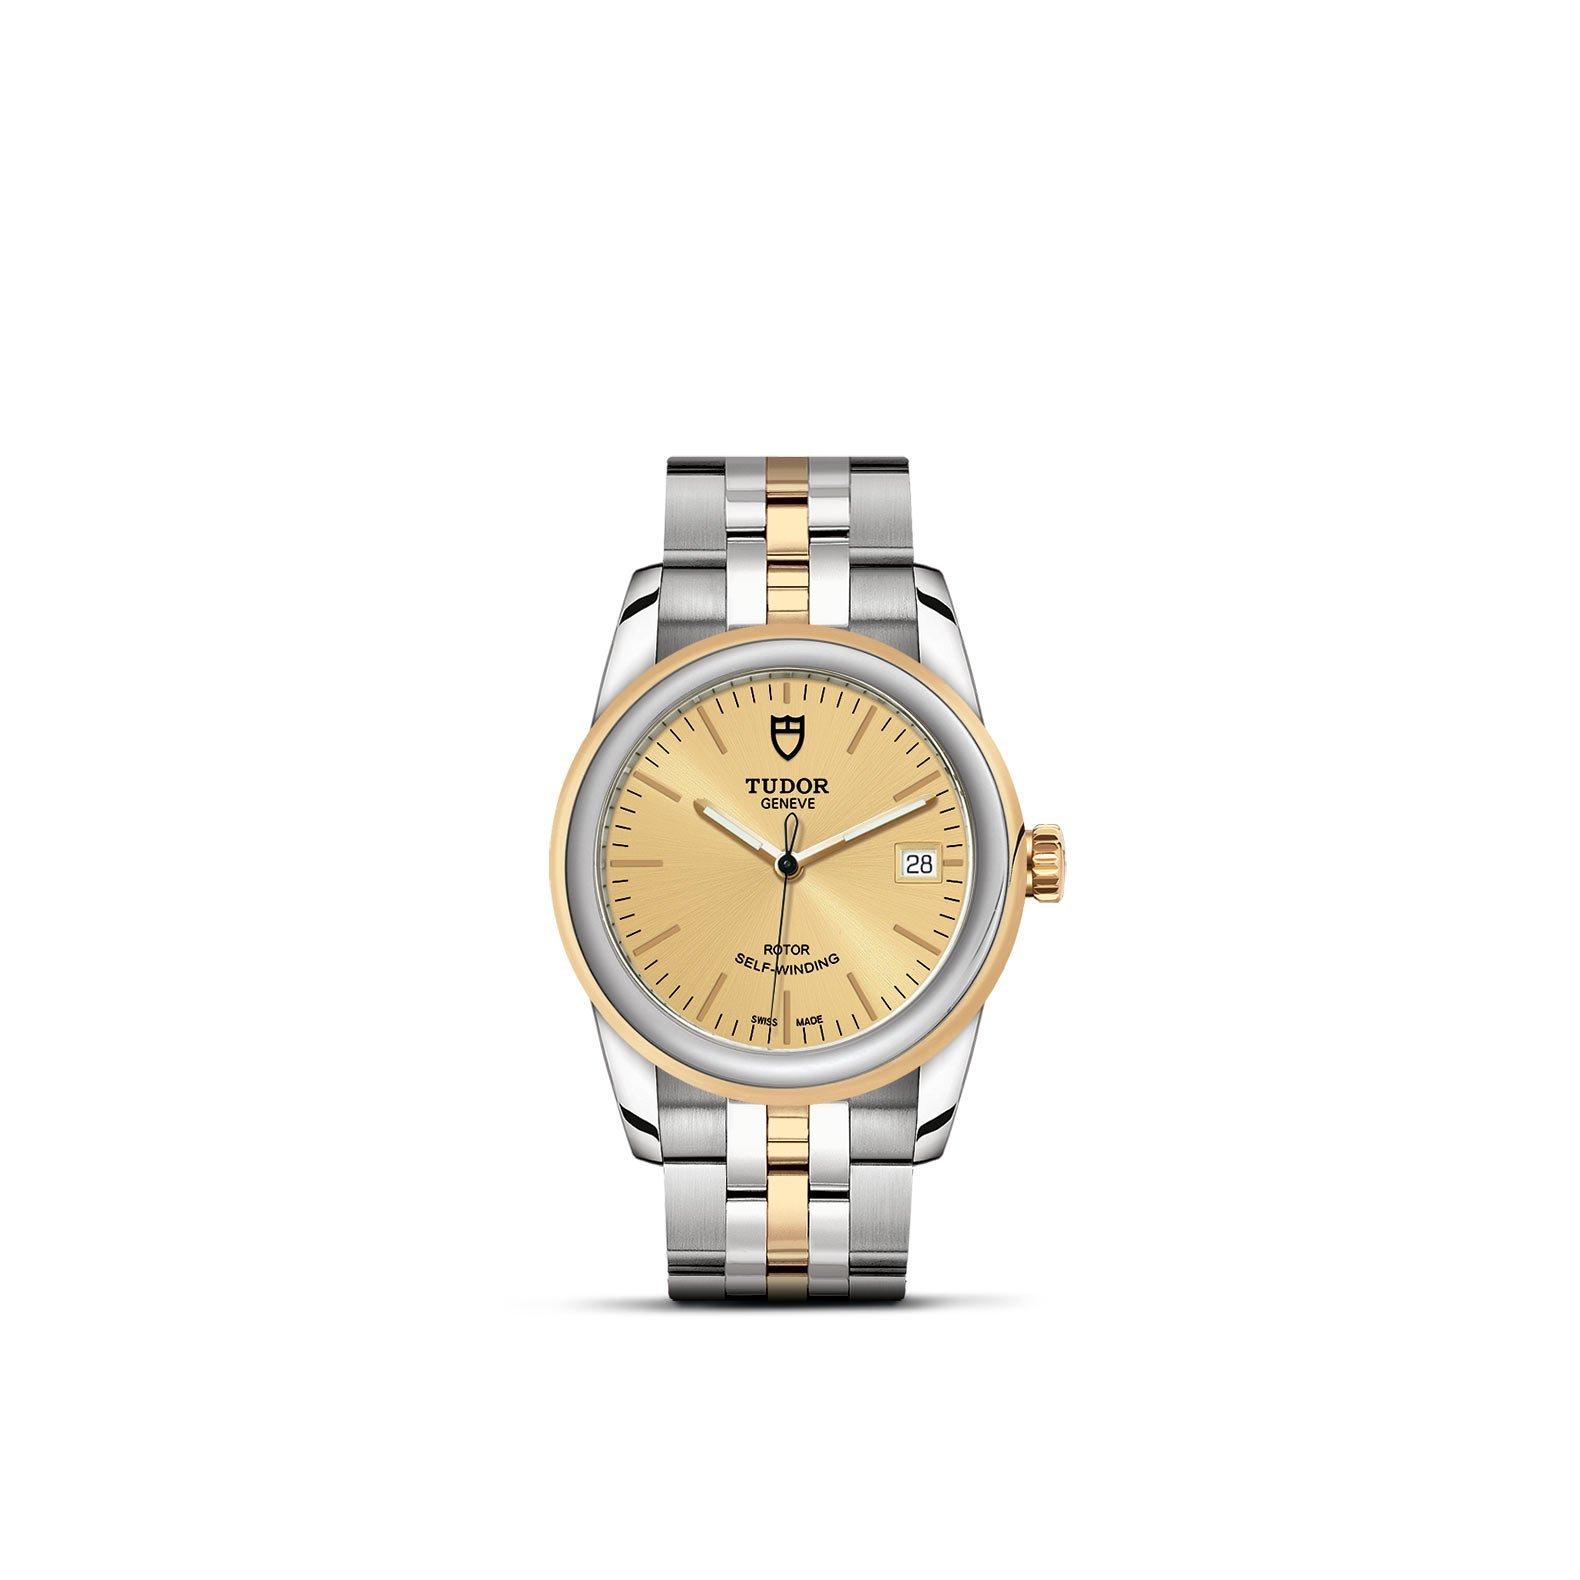 Montre TUDOR Glamour Date boîtier en acier, 36mm, lunette en acier et or jaune vue 1